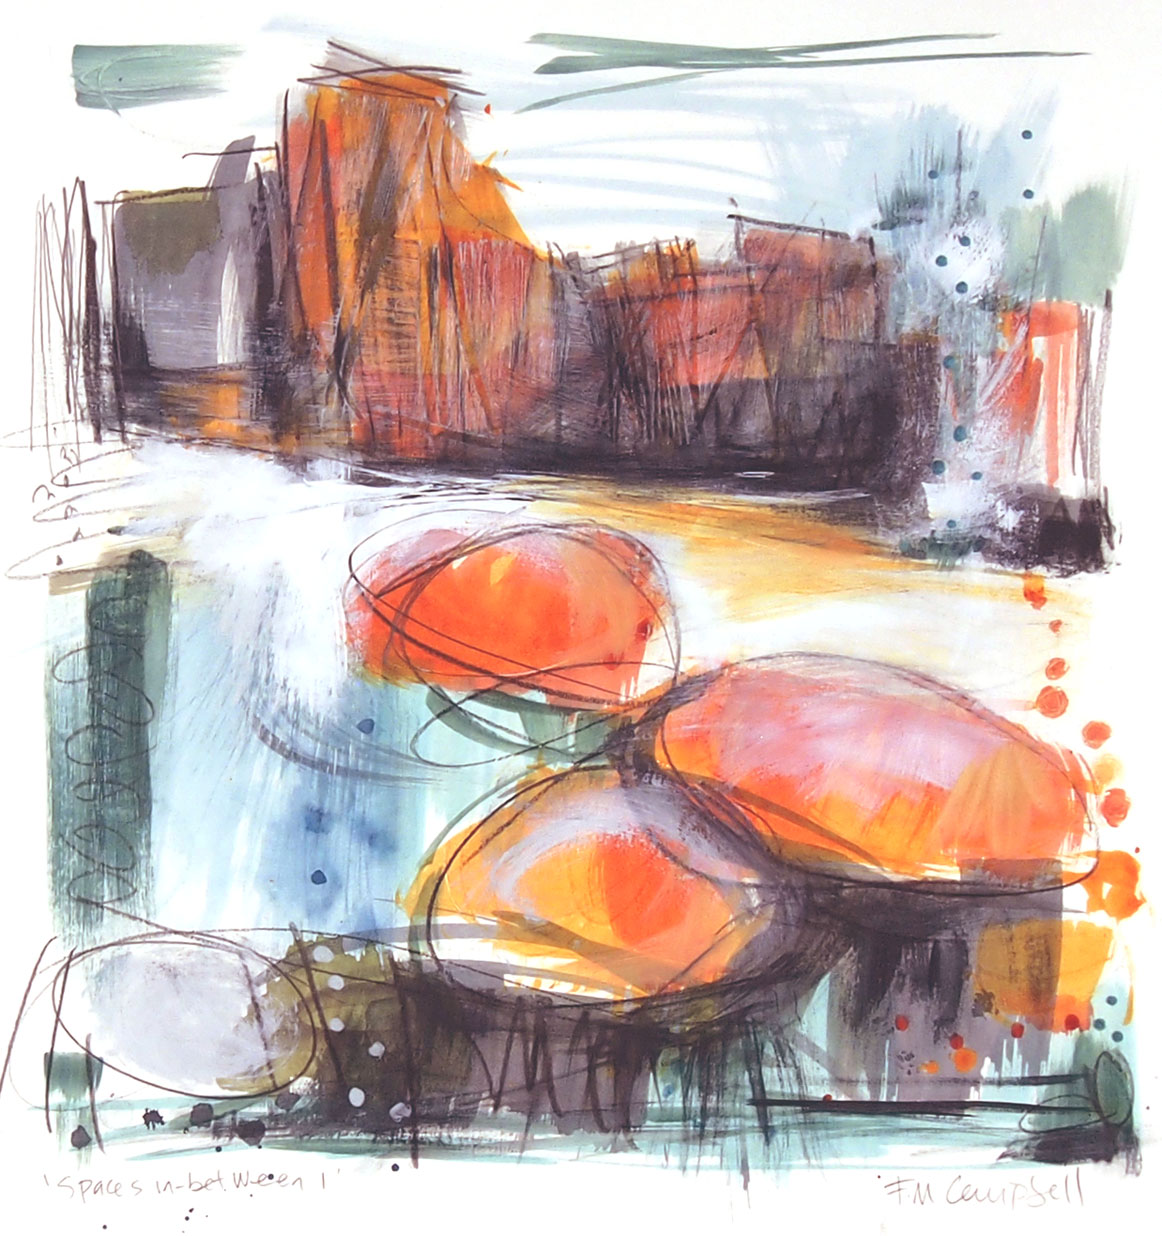 'Spaces in-between I'